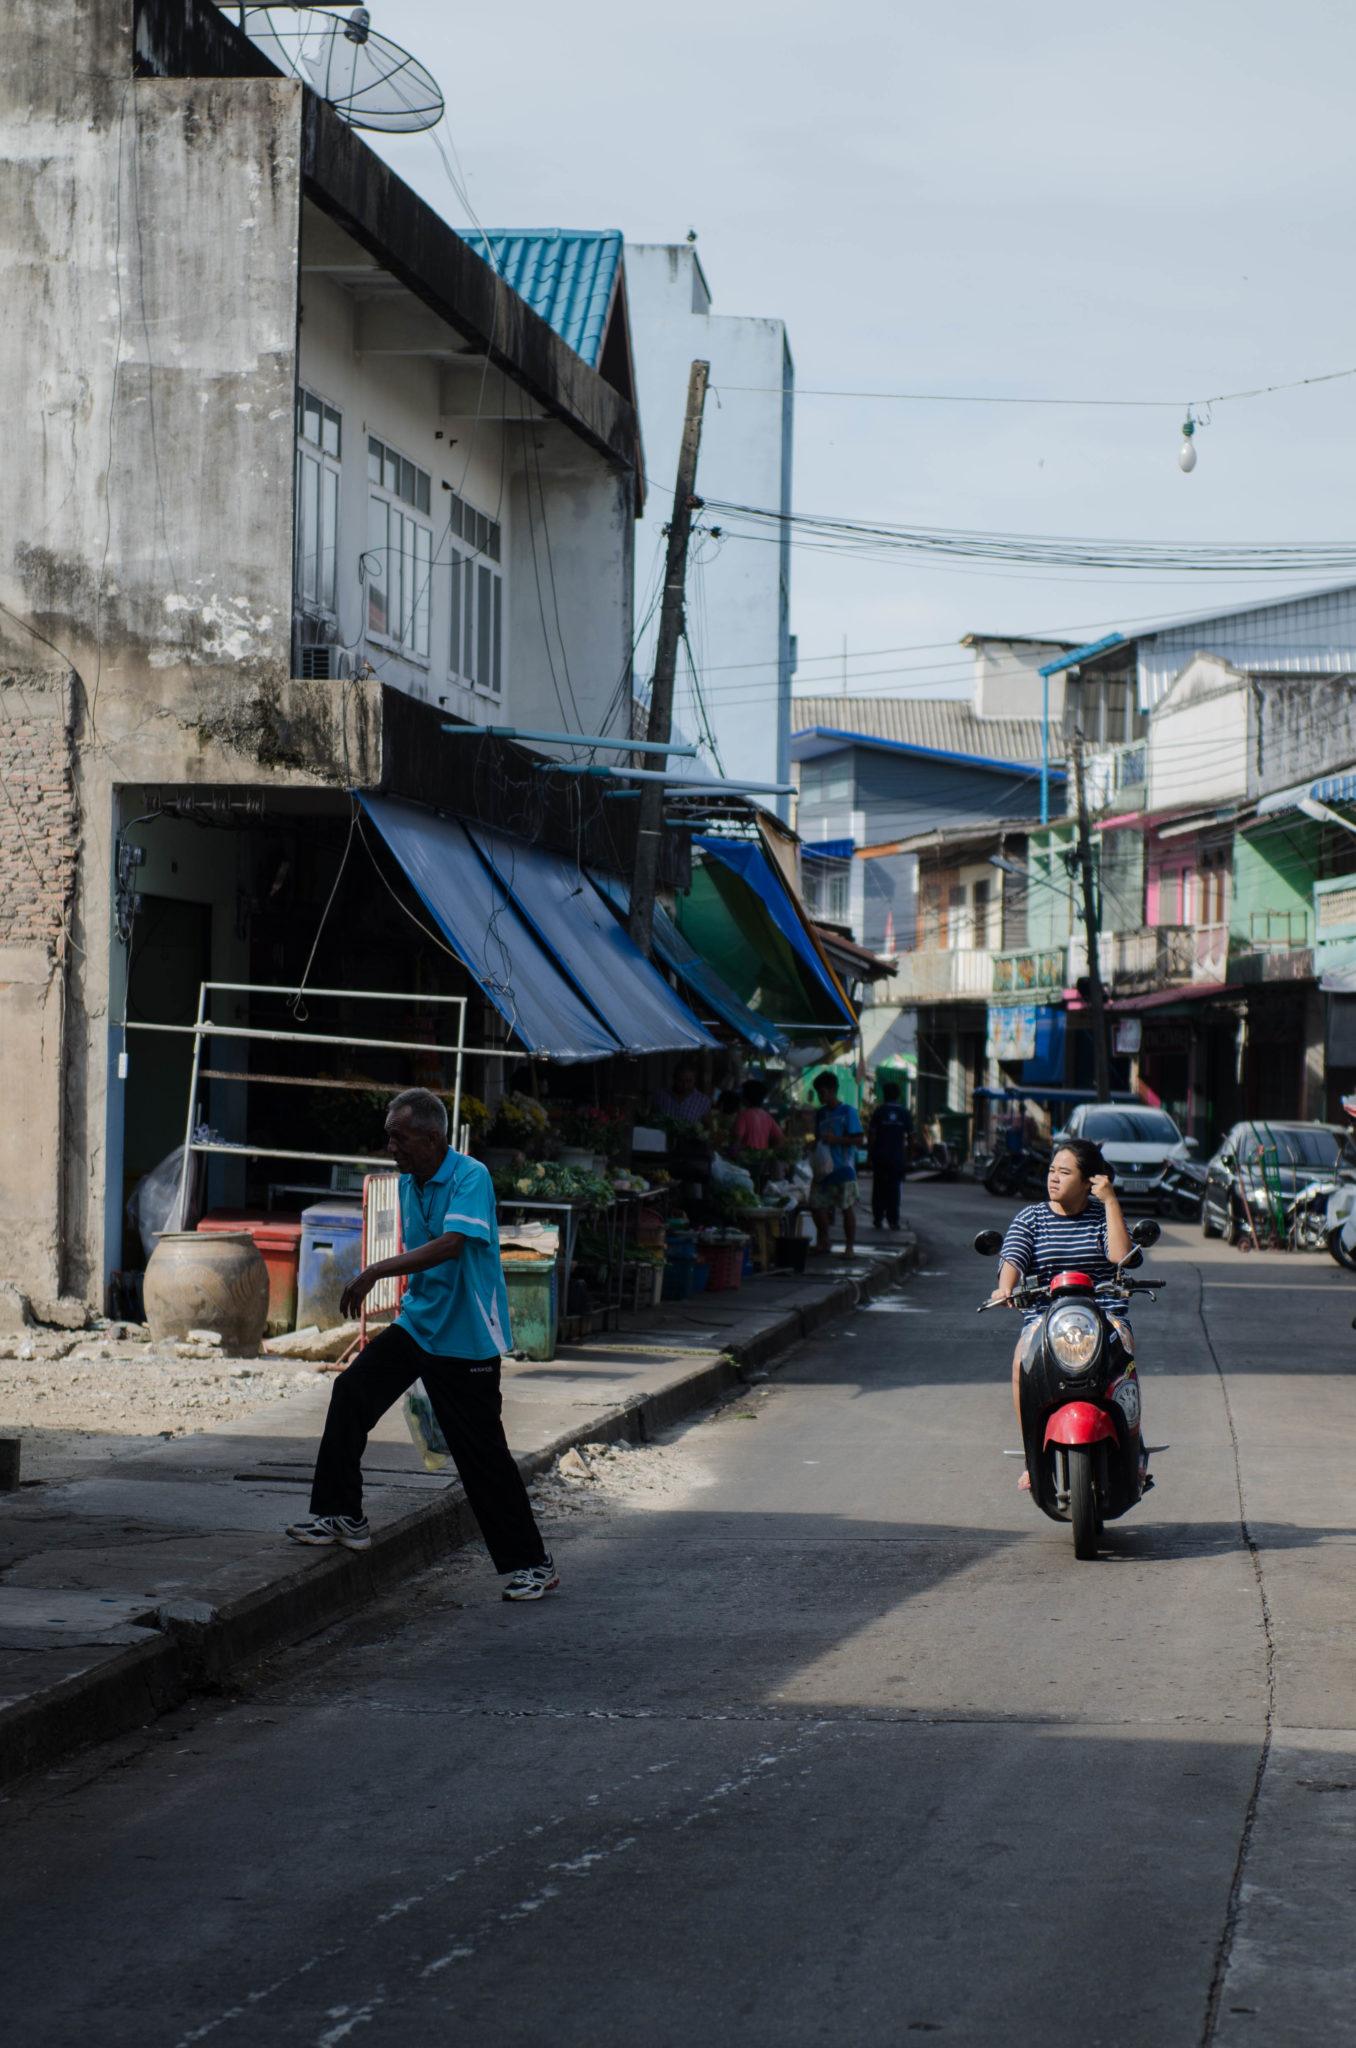 Chumphon Sehenswürdigkeiten: Pak Nam Market